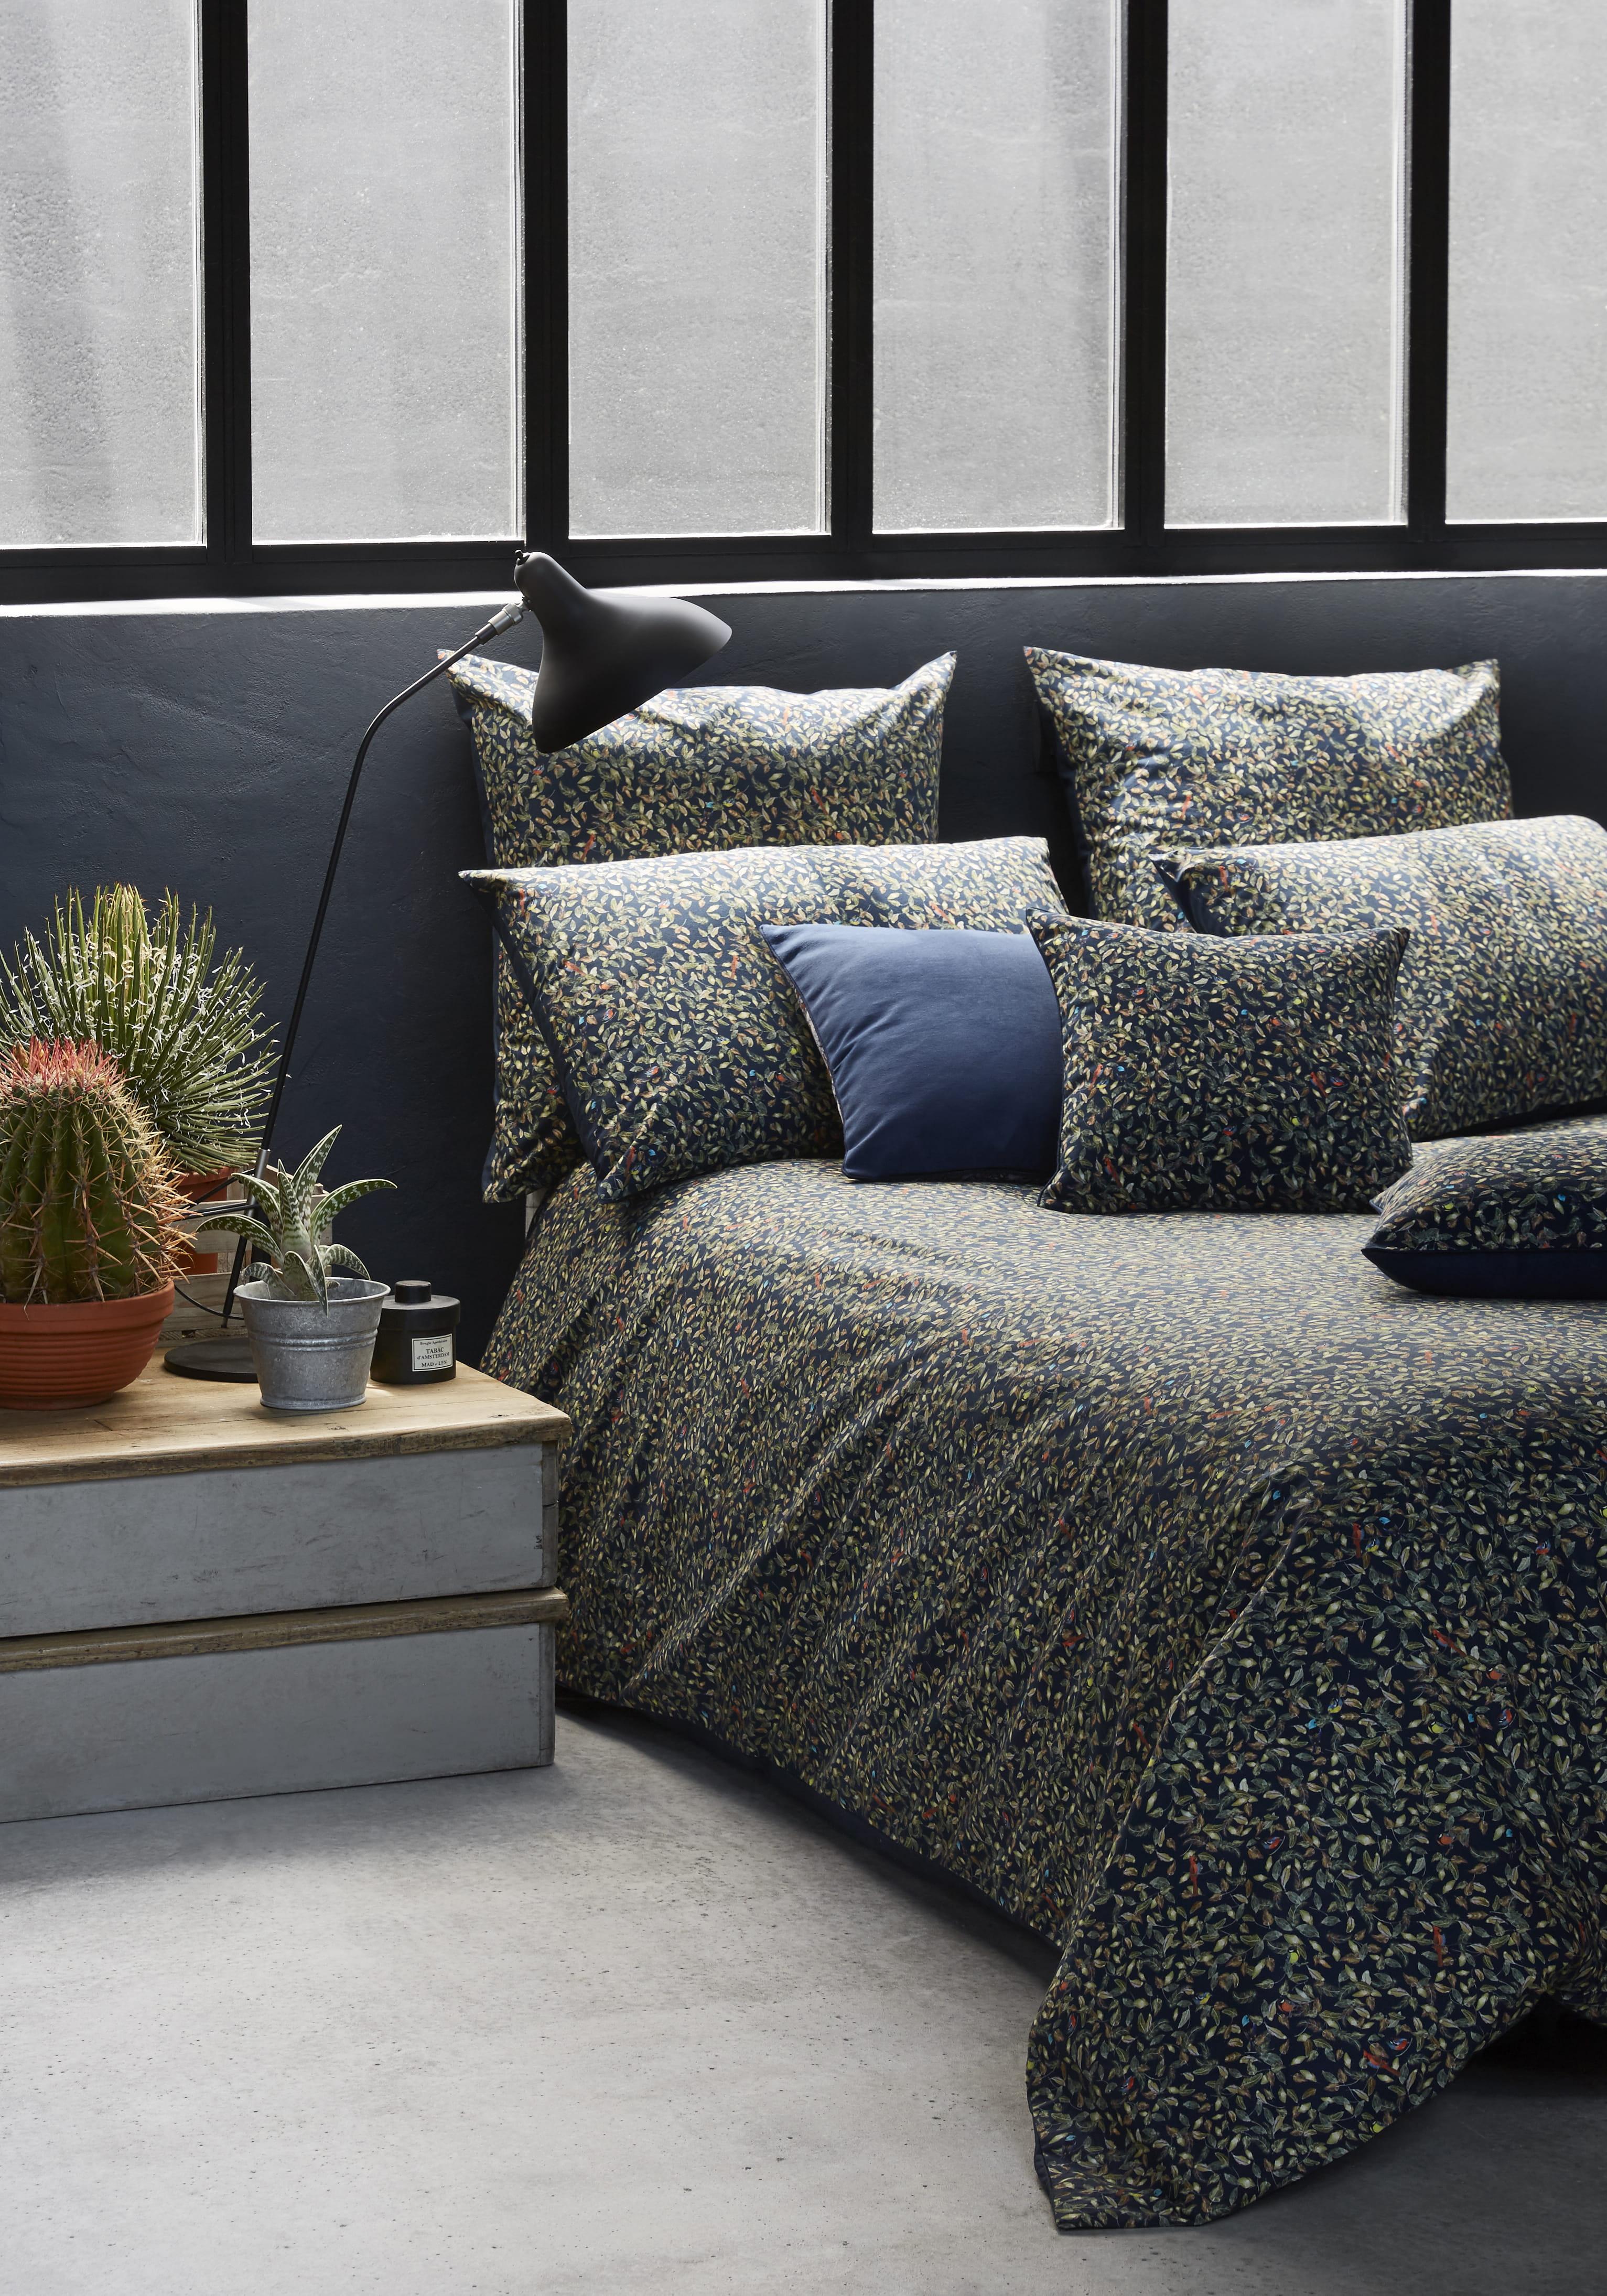 Parure de lit ad la de paul joe by madura on sort sa plus belle parur - Parures de lit descamps ...